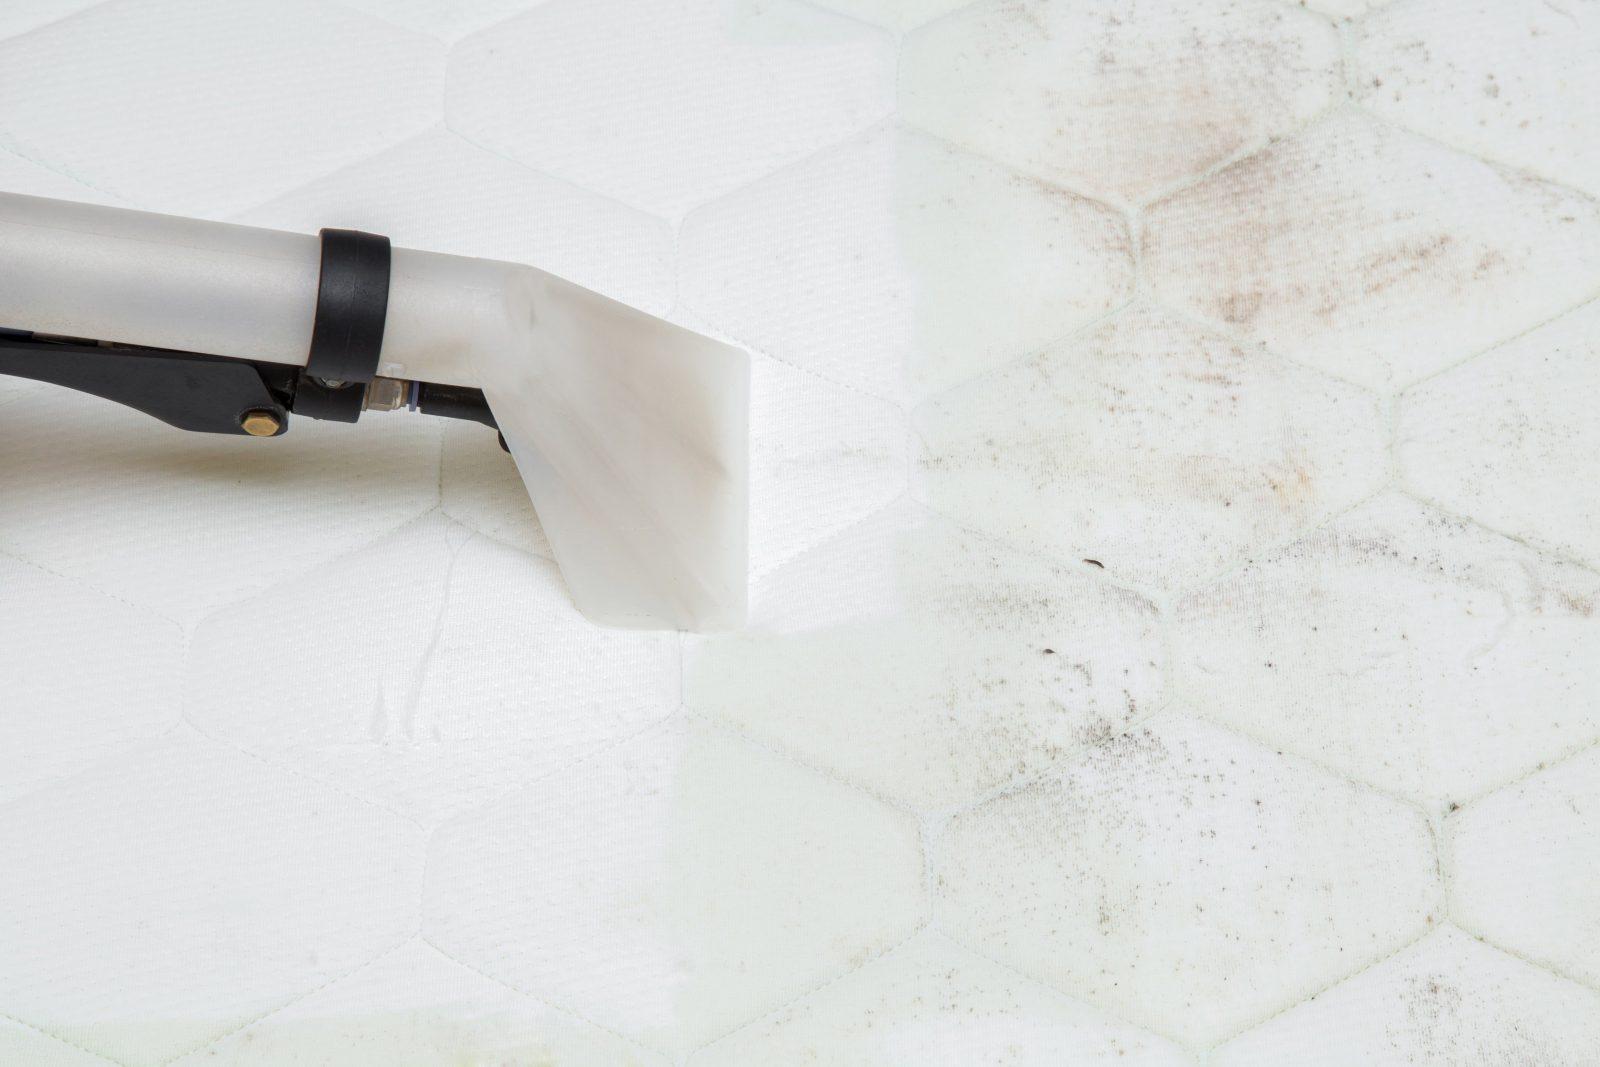 Matratze Reinigen 7 Flecken 7 Lösungen  Liebenswert von Alte Blutflecken Aus Matratze Entfernen Bild